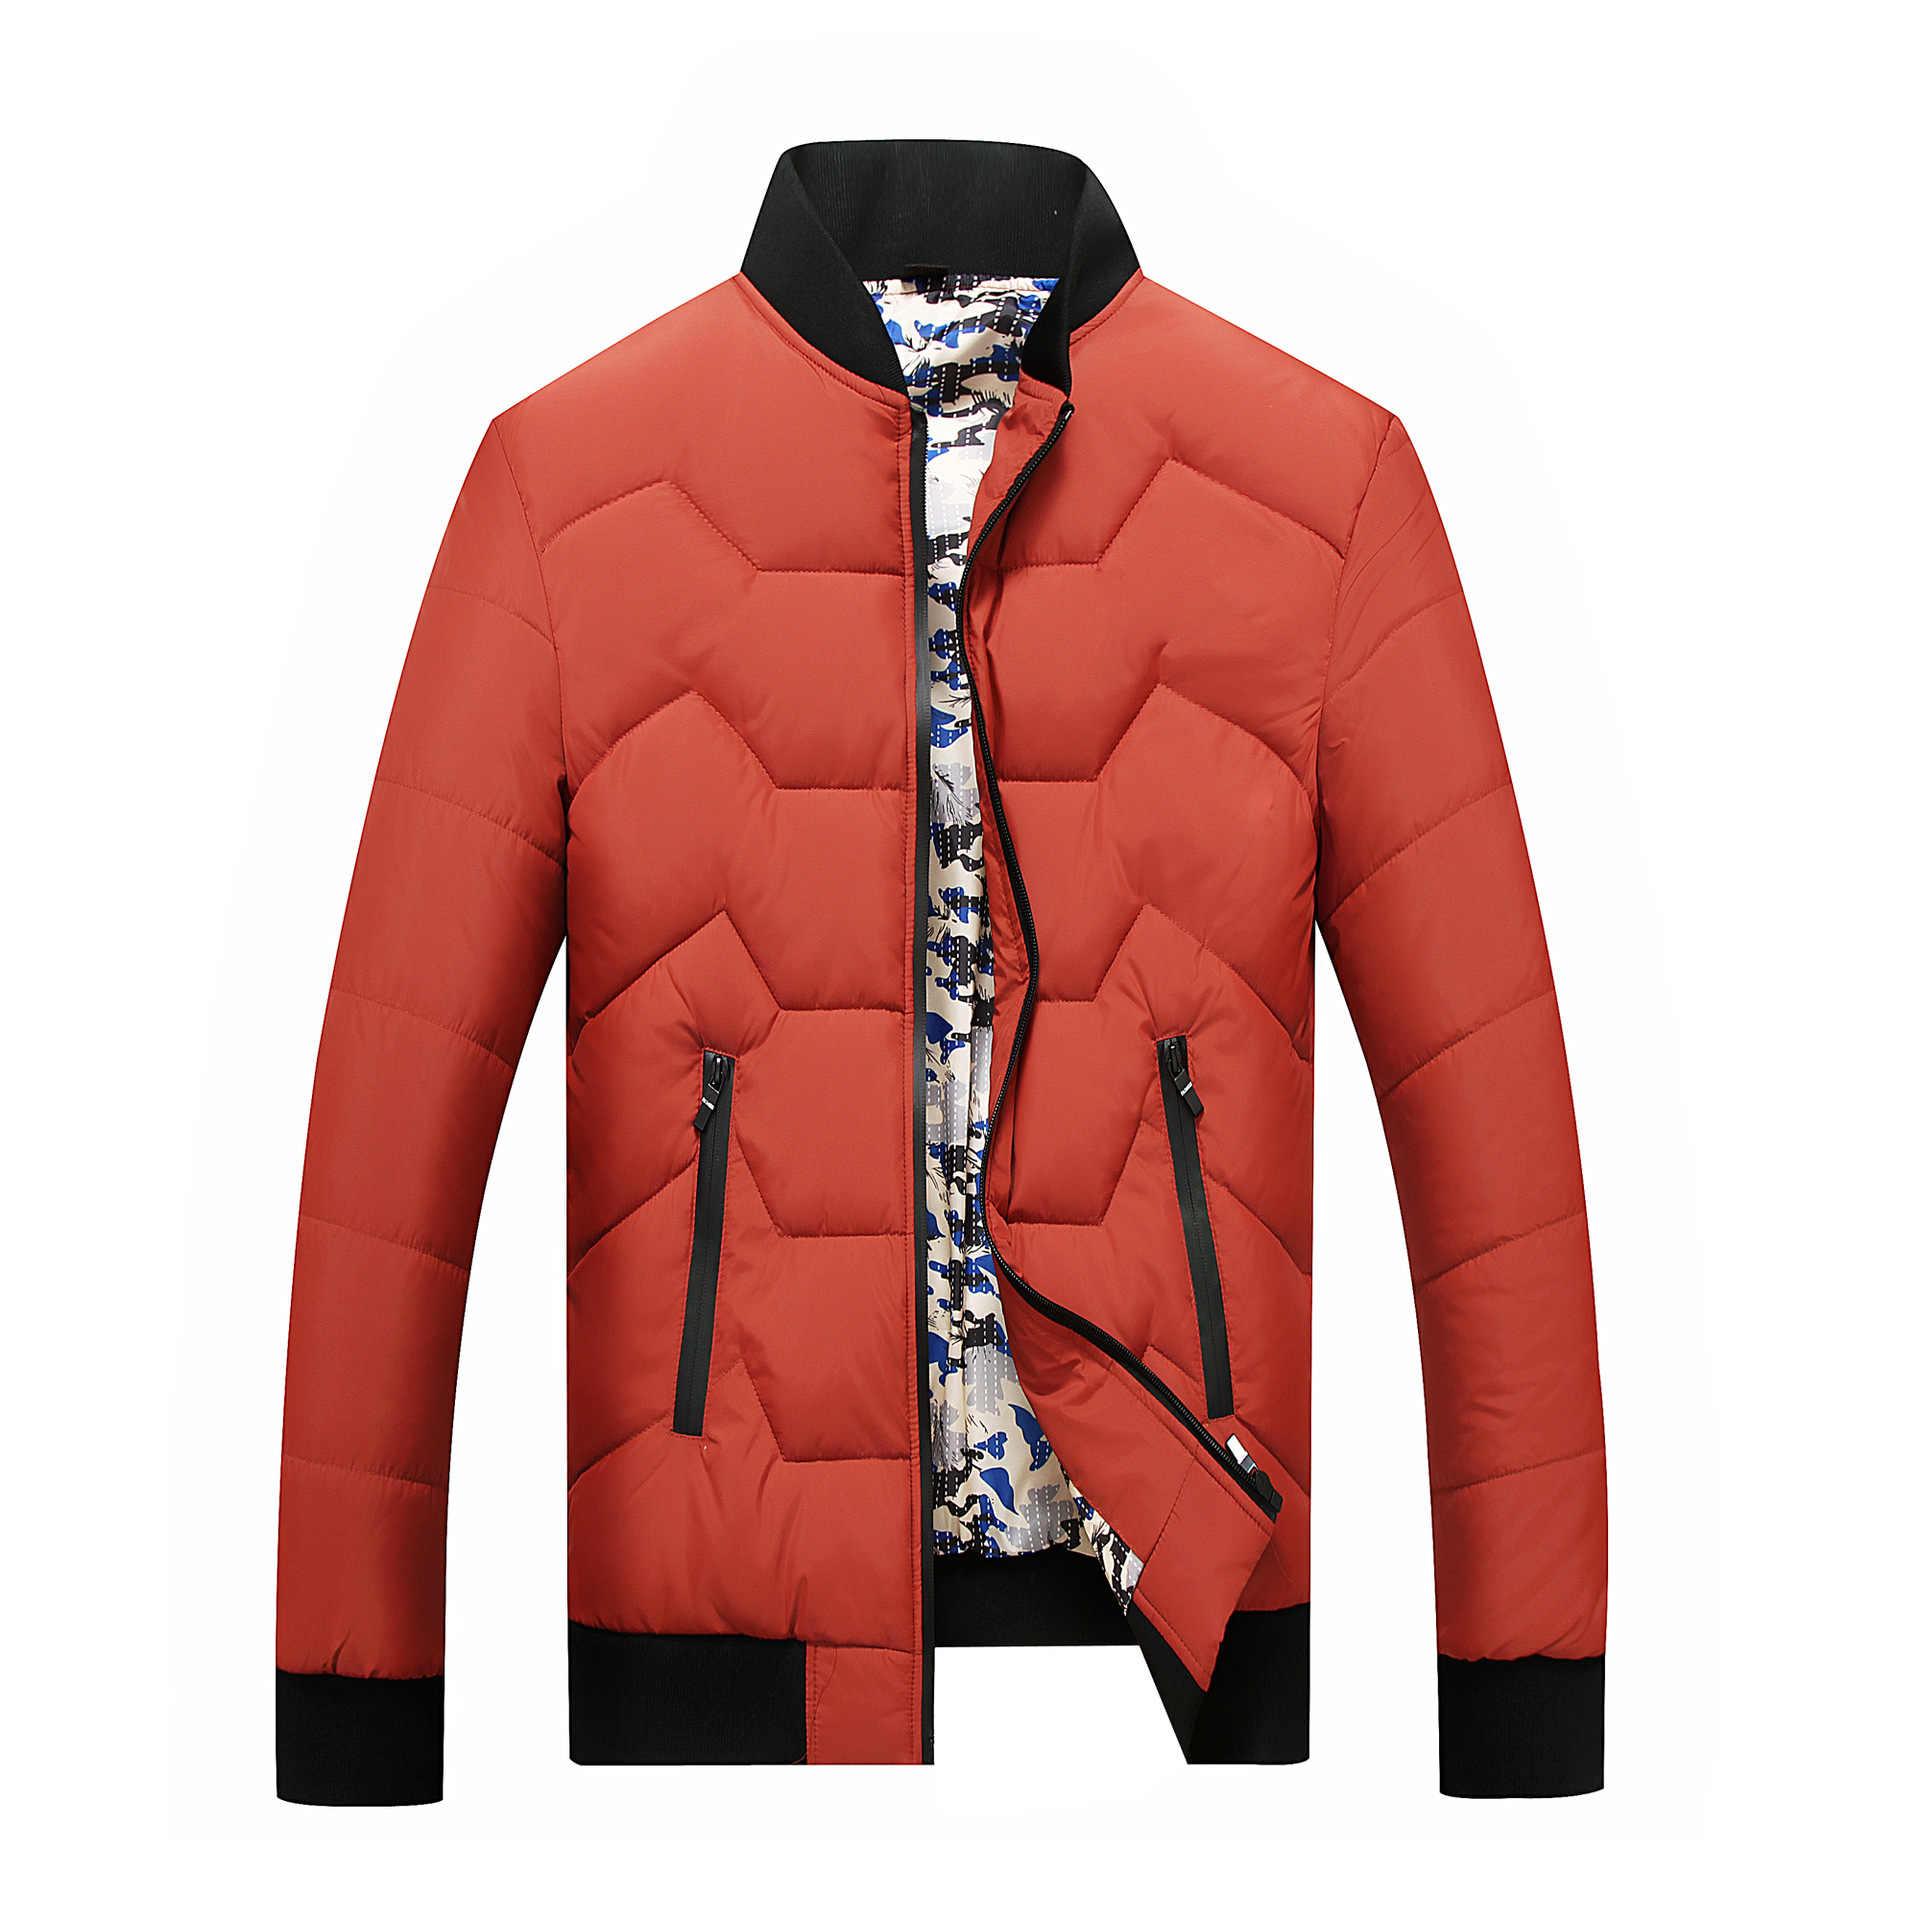 プラスサイズ L-8XL メンズ冬厚いカジュアル綿の服防風パーカーコートファッションジッパー高品質ジャケット